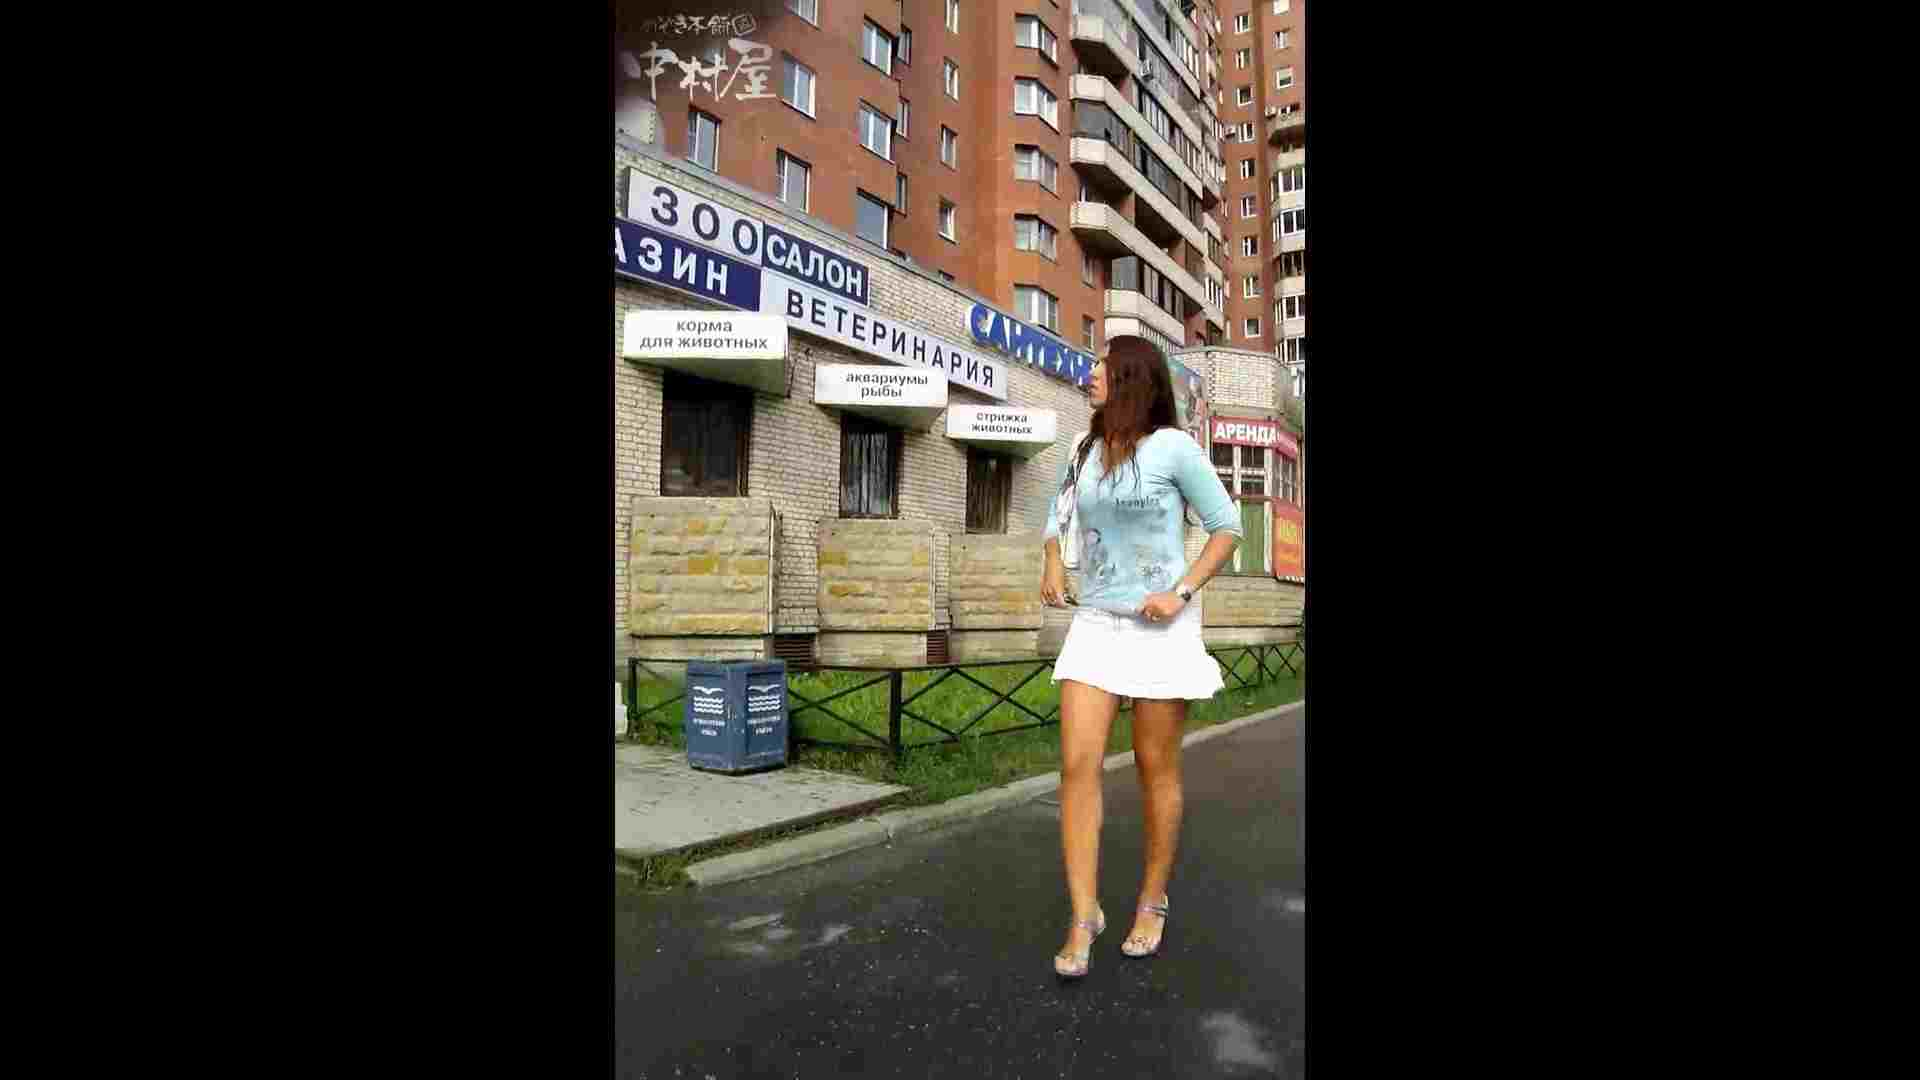 綺麗なモデルさんのスカート捲っちゃおう‼ vol21 お姉さんヌード  100画像 30